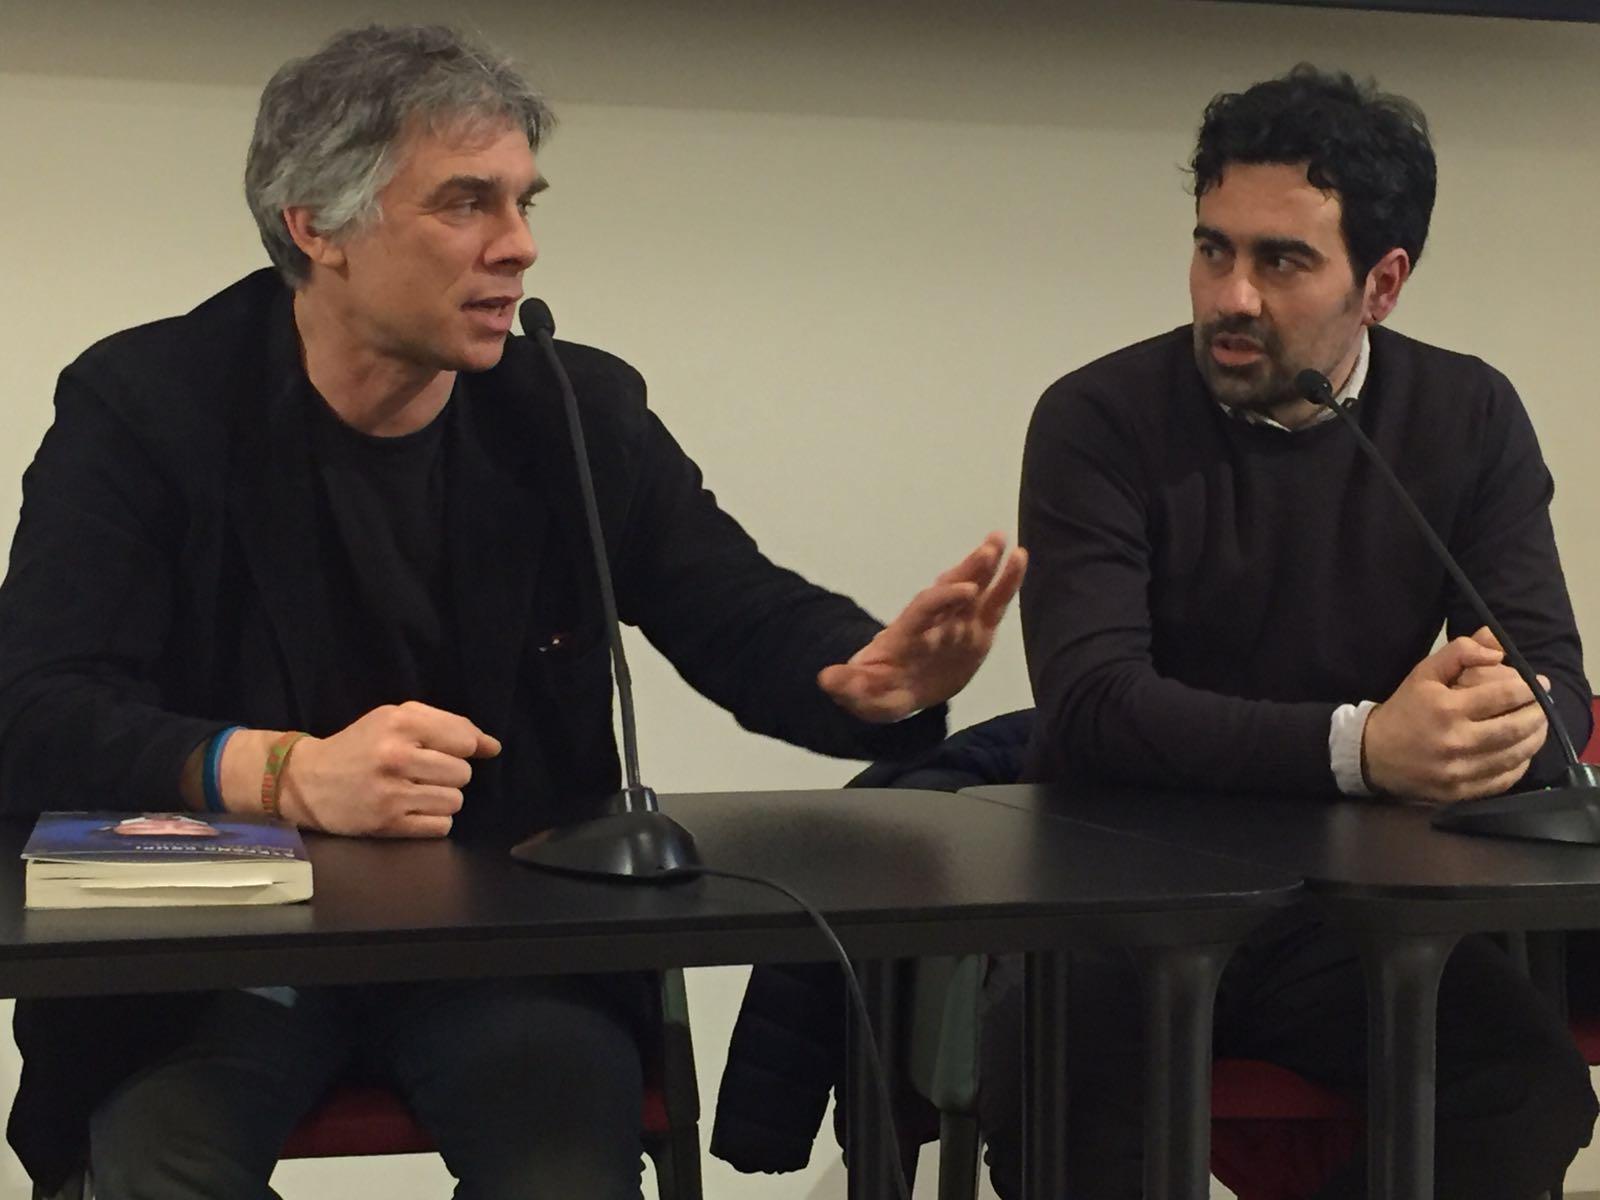 Paolo Foschini del Corriere ieri sera ha presentato il libro di Crupi